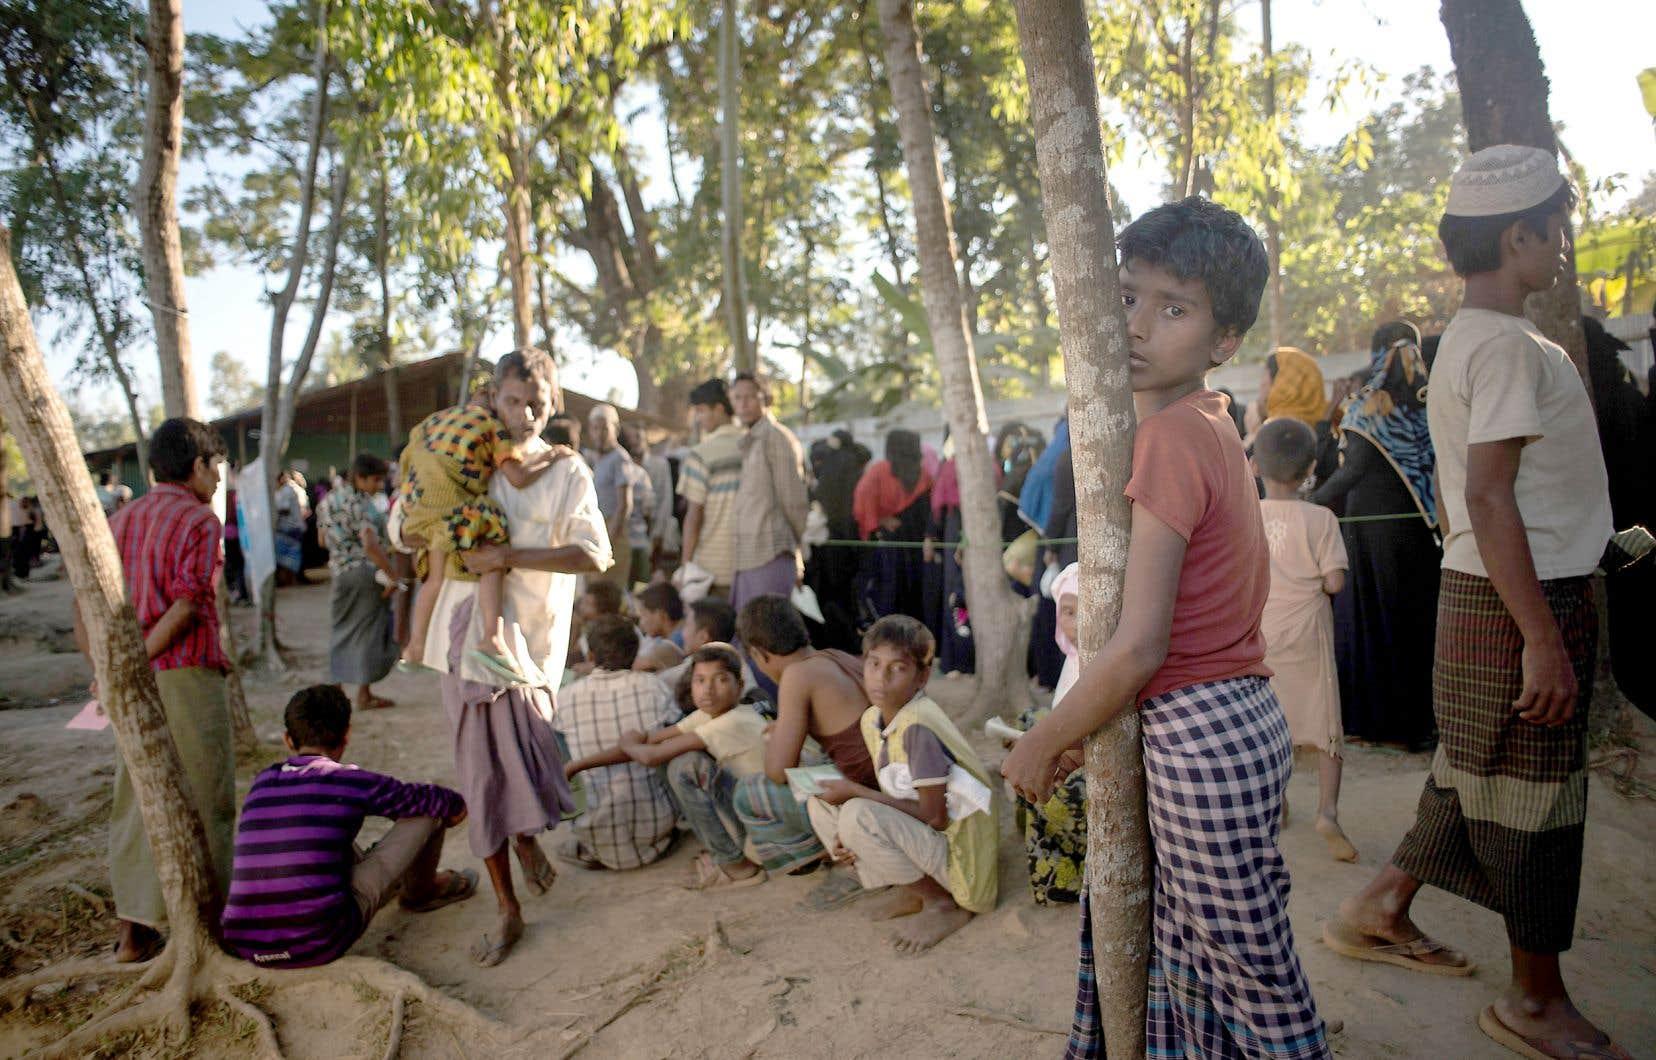 Des réfugiés rohingyas font la file dans un camp au Bangladesh pour recevoir de l'aide alimentaire. Quelque 740000 musulmans rohingyas ont fui l'État myanmarais de Rakhine en août 2017, après une opération de répression de l'armée du Myanmar, pays à forte majorité bouddhiste.